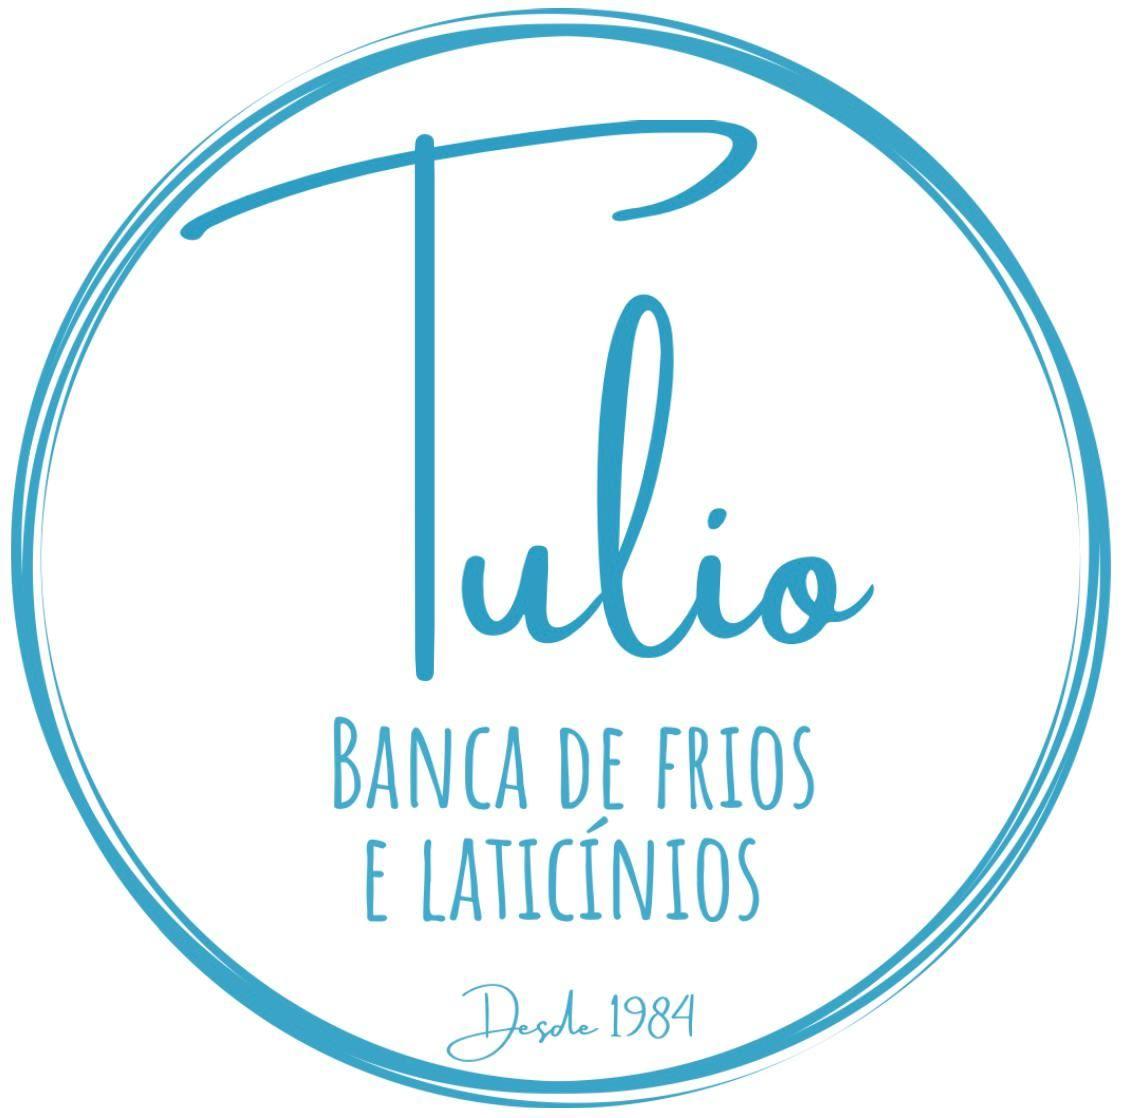 Logotipo - Banca do Tulio